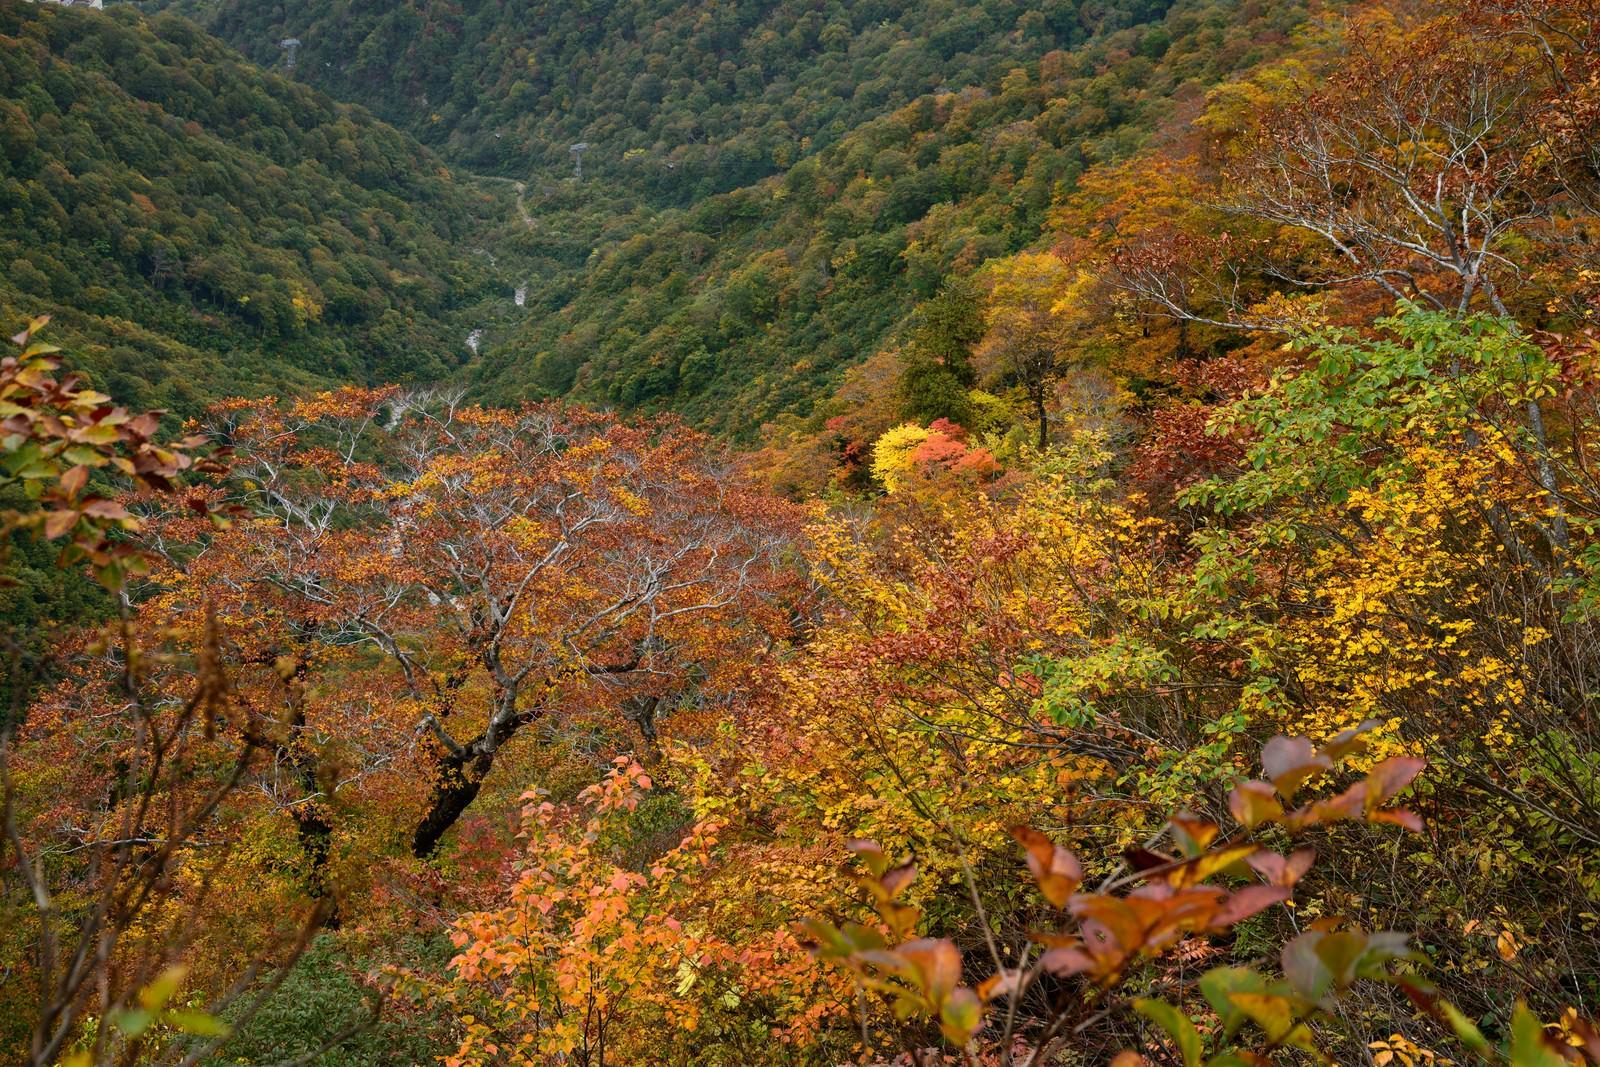 「黄葉した谷川岳の木々 | 写真の無料素材・フリー素材 - ぱくたそ」の写真